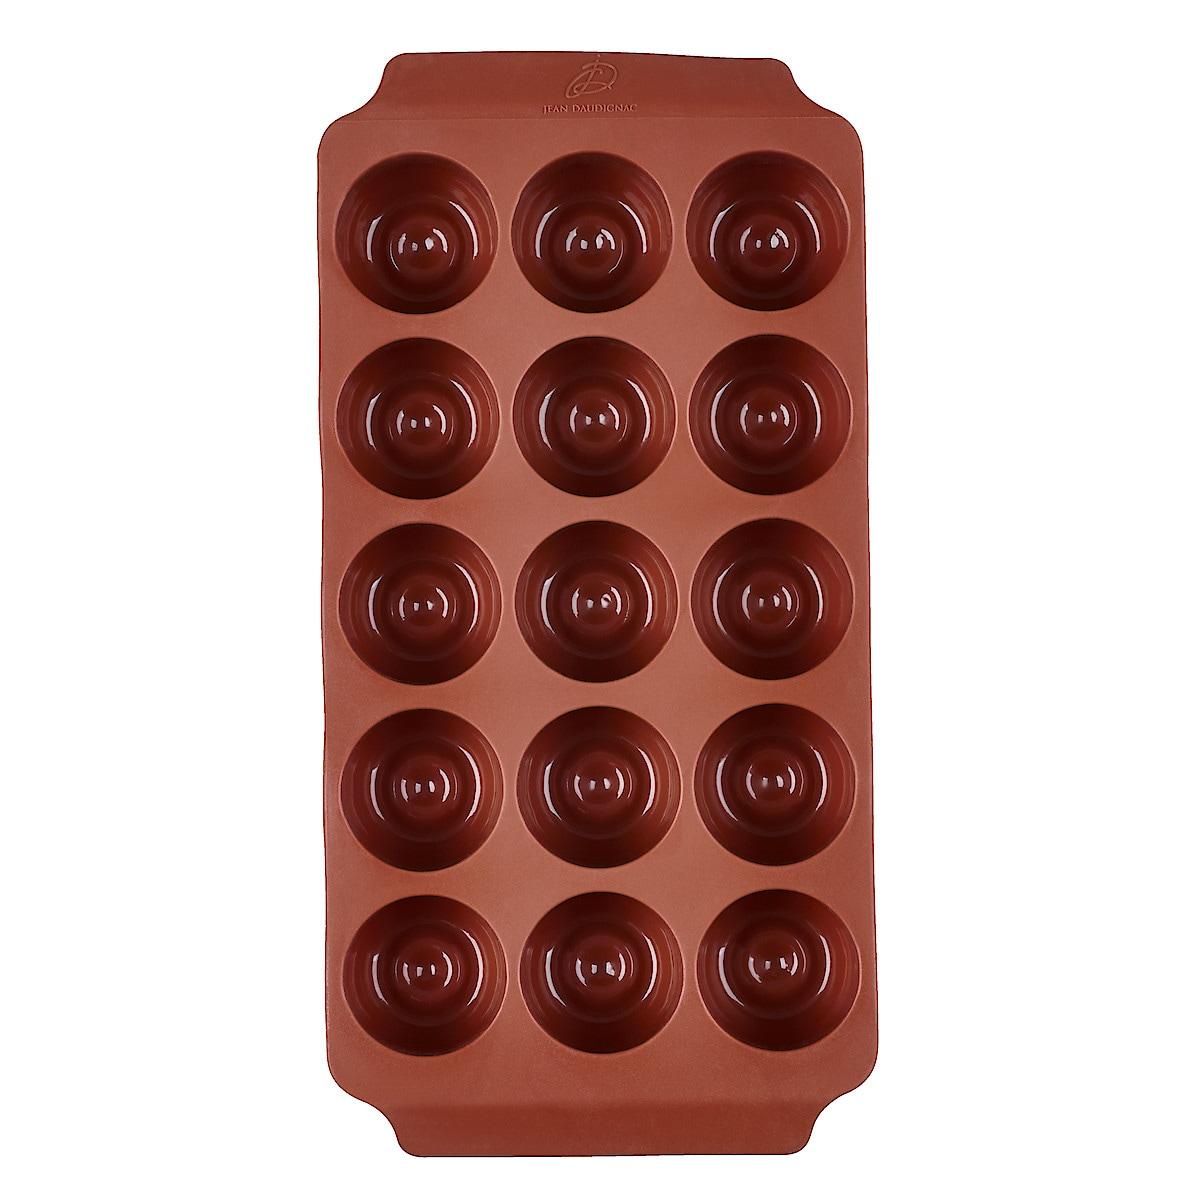 Choklad-/pralinset